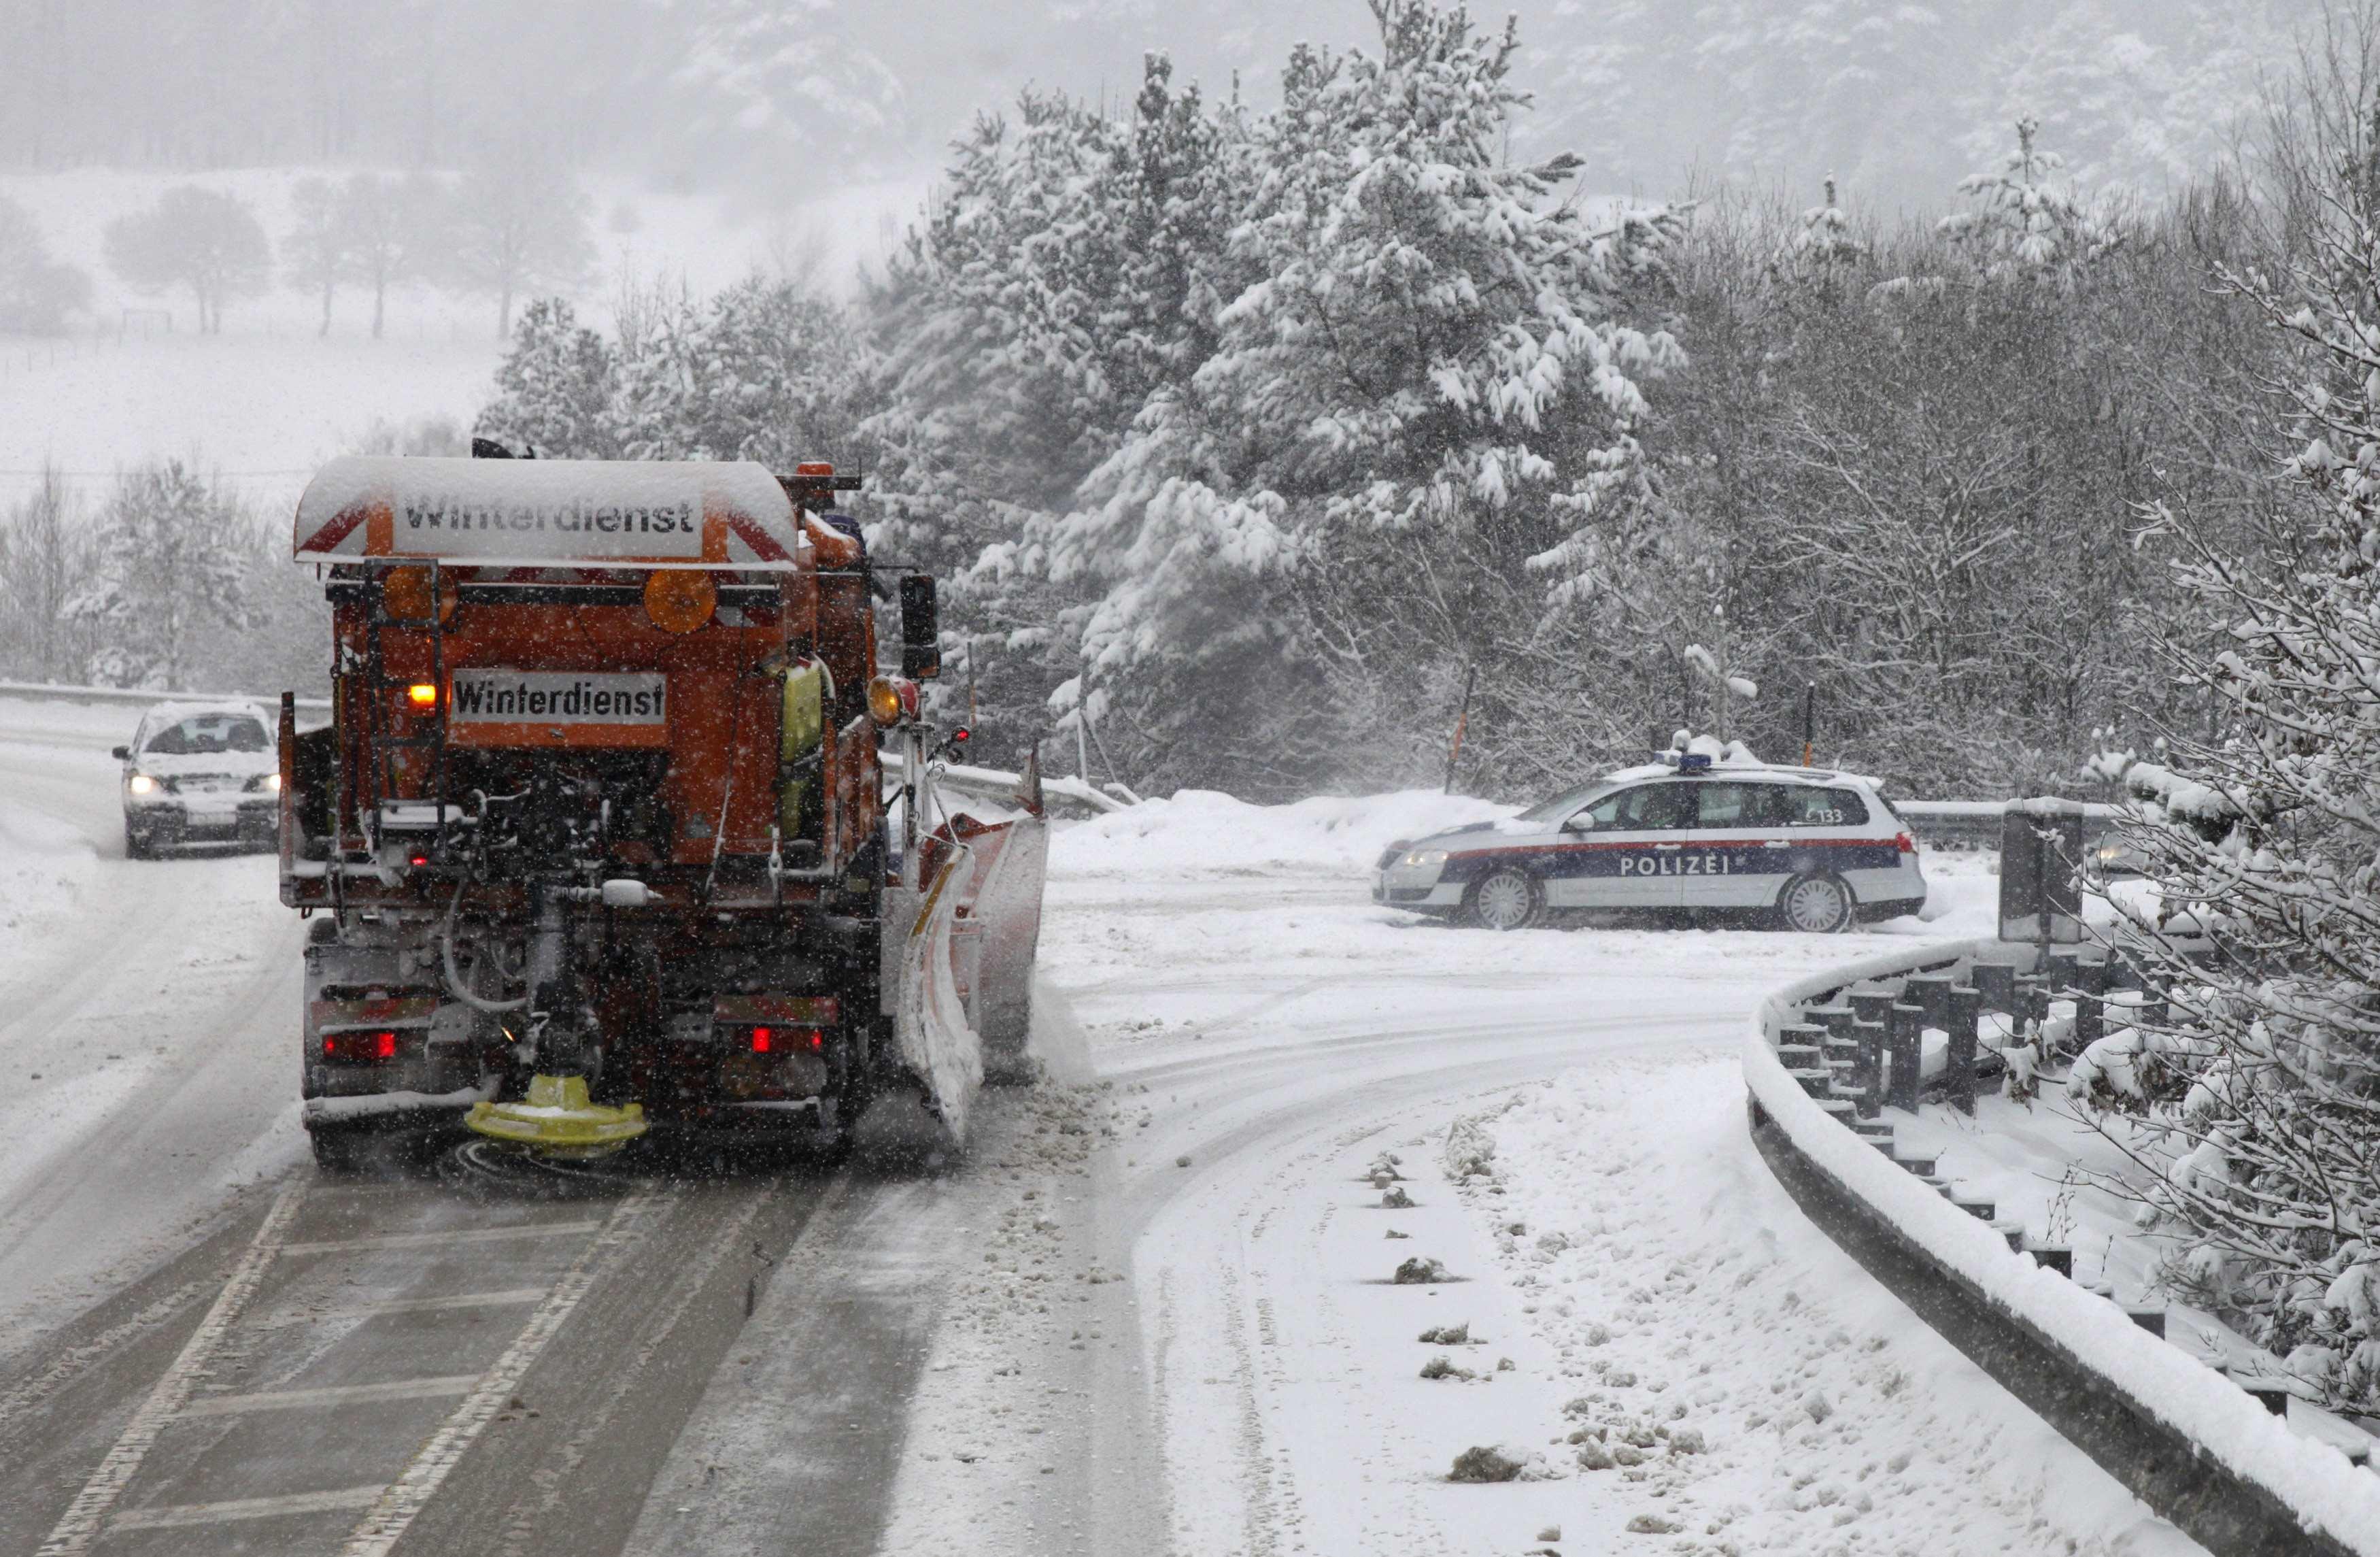 Προσπάθειες να ανοίξουν οι δρόμοι στη Βιέννη - ΦΩΤΟ REUTERS